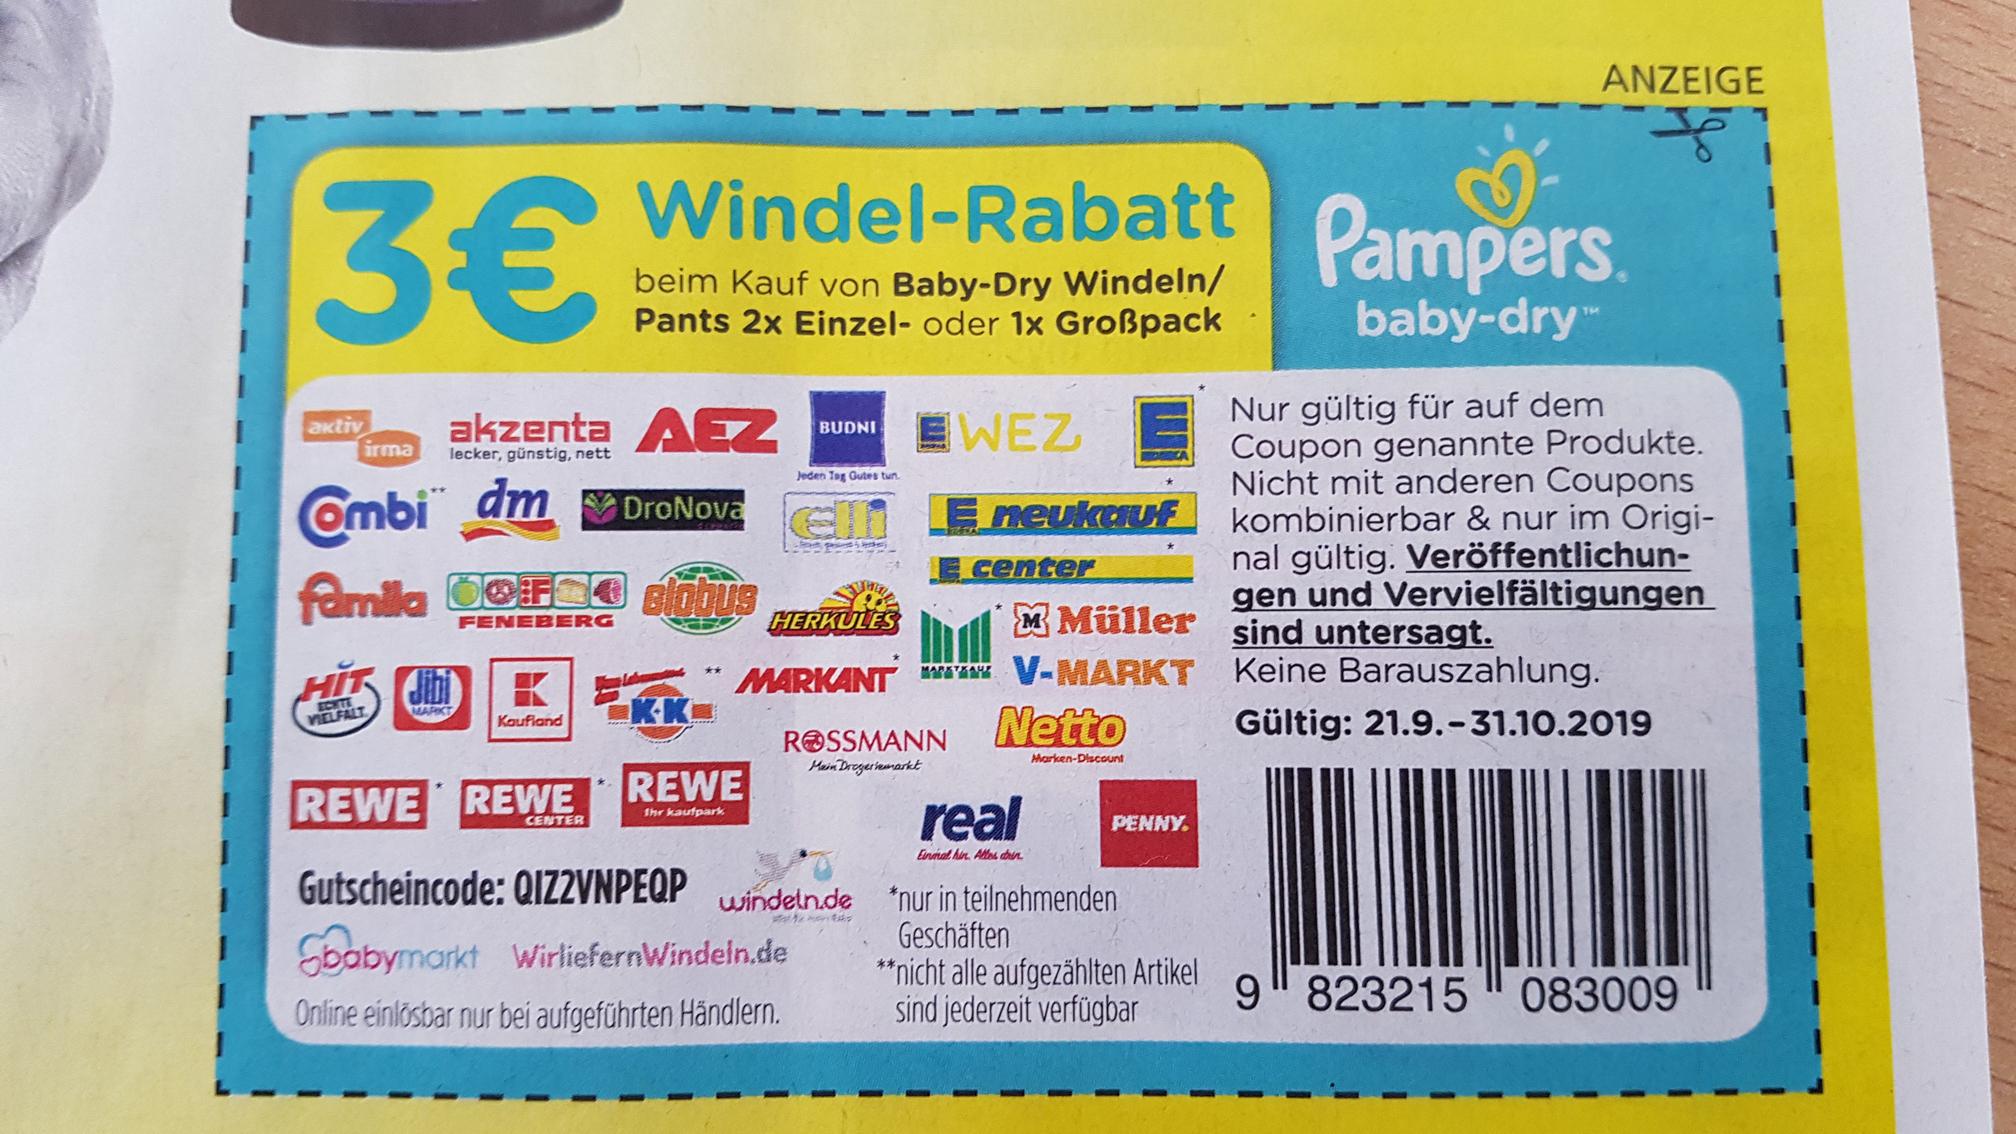 Pampers baby-dry Windel-Rabatt 3€ aus EinkaufAktuell